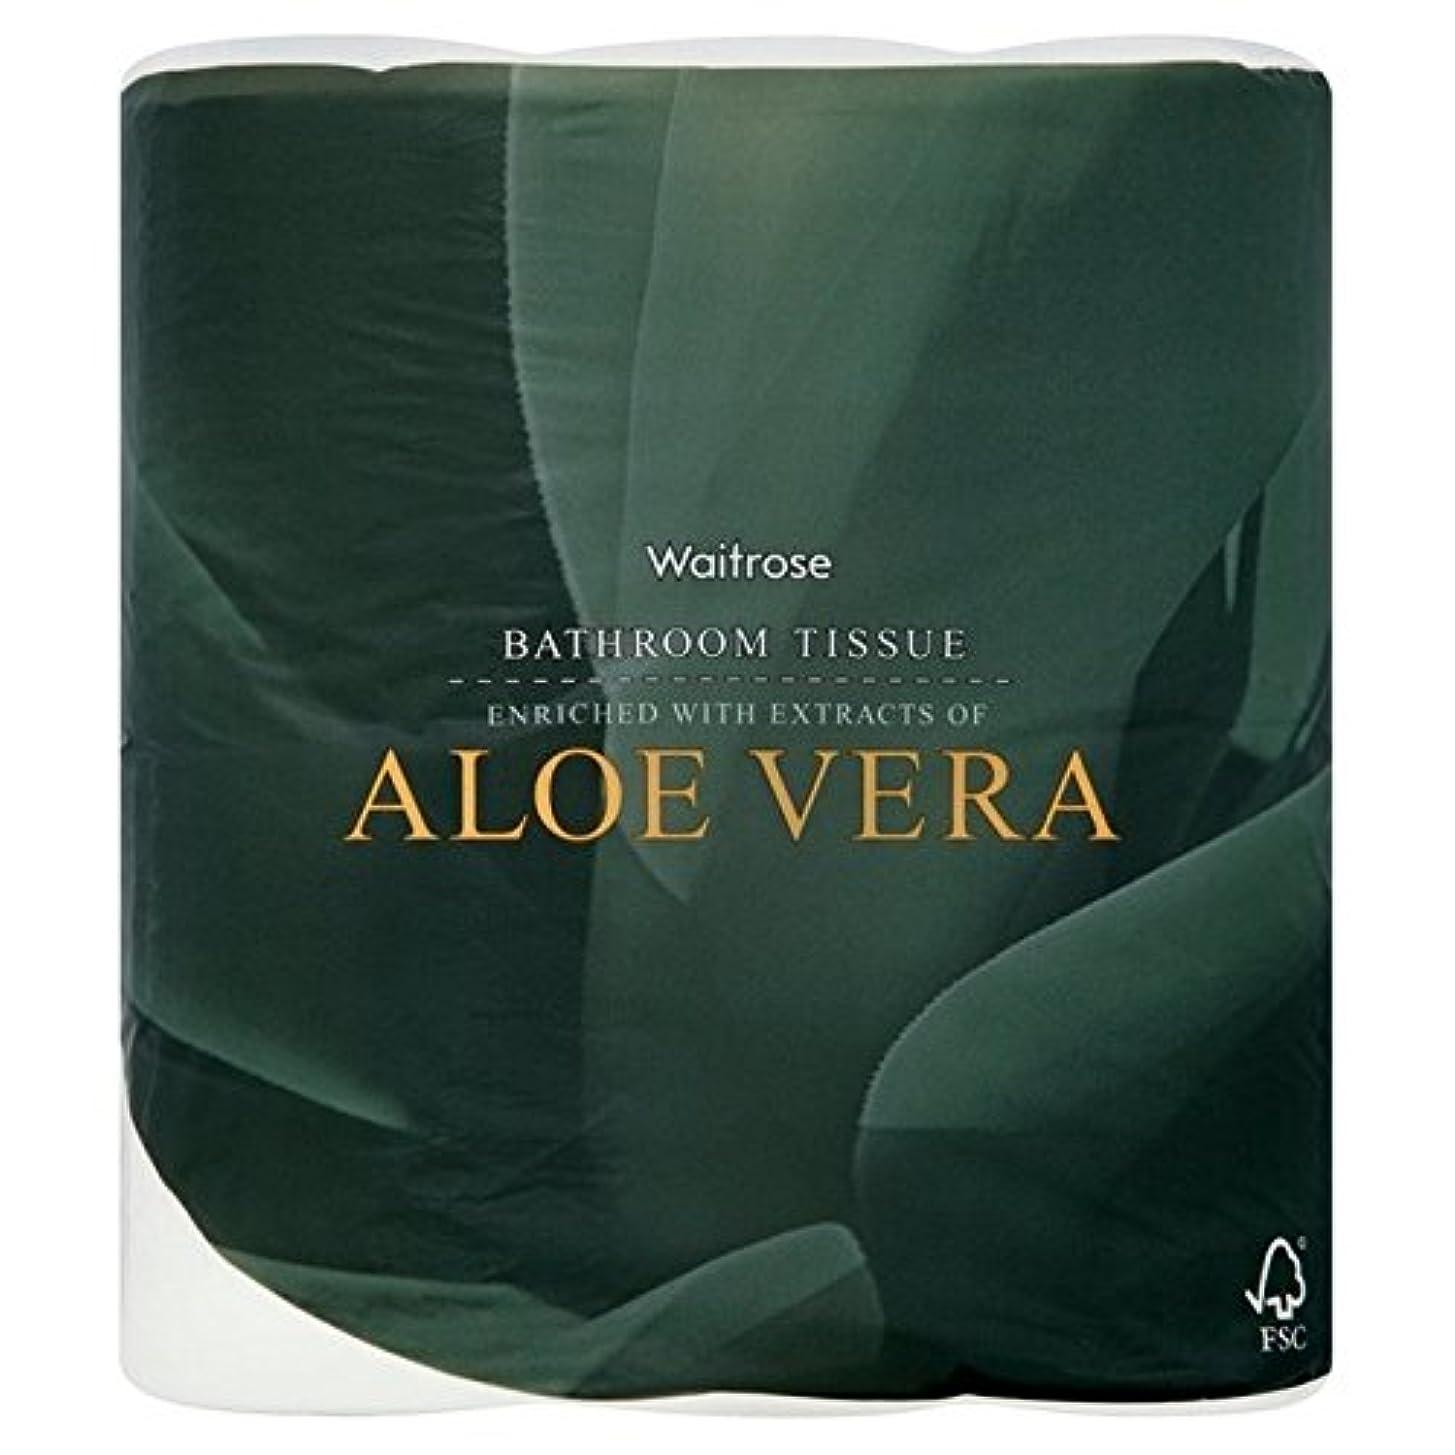 味わうアルファベット専門知識パックあたりアロエベラ浴室組織白ウェイトローズ4 x4 - Aloe Vera Bathroom Tissue White Waitrose 4 per pack (Pack of 4) [並行輸入品]